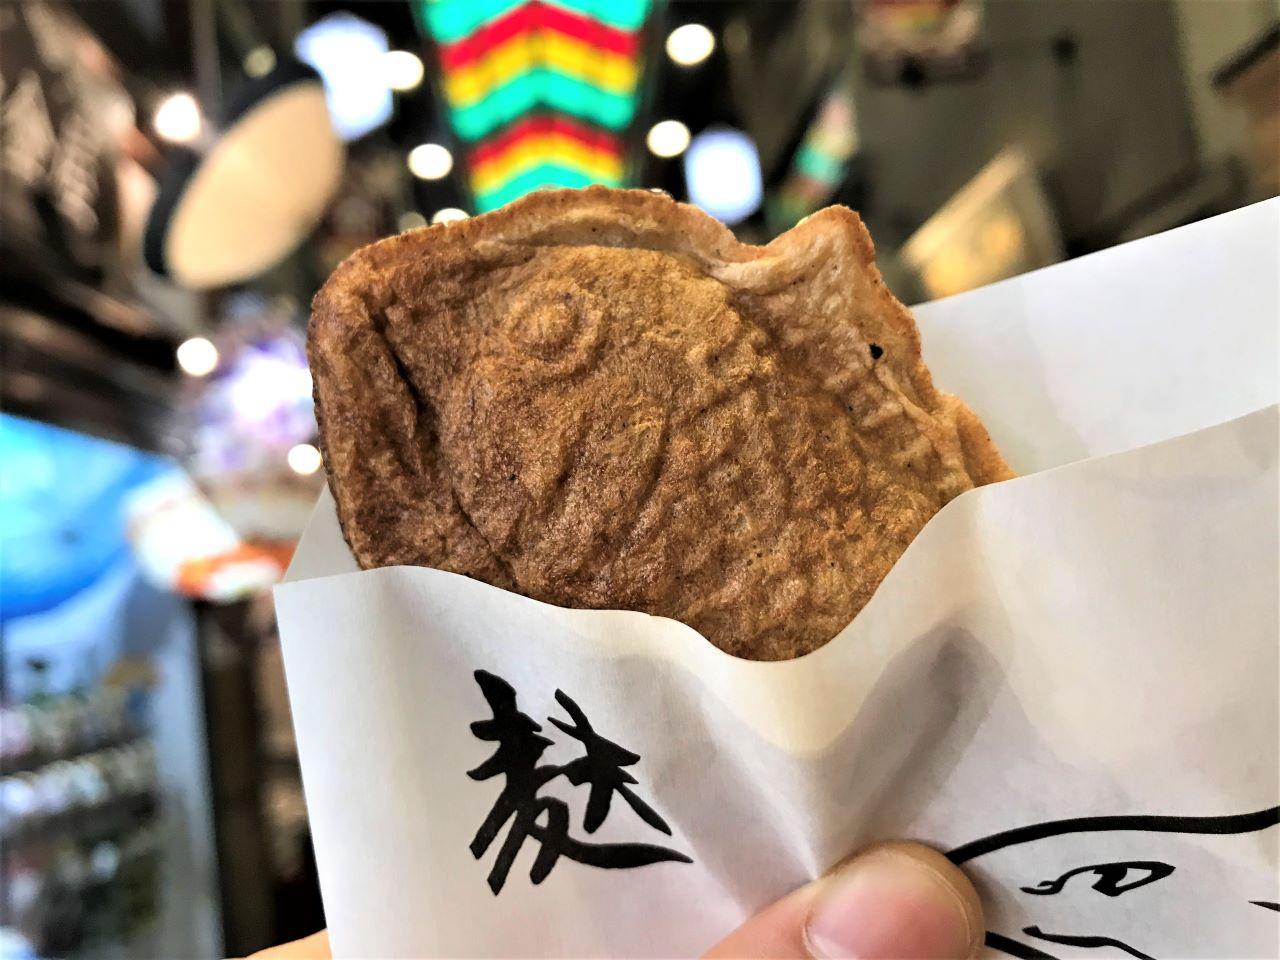 京都・錦市場の老舗が作るユニークな新作&季節限定パン・スイーツ3選【お取り寄せOK】